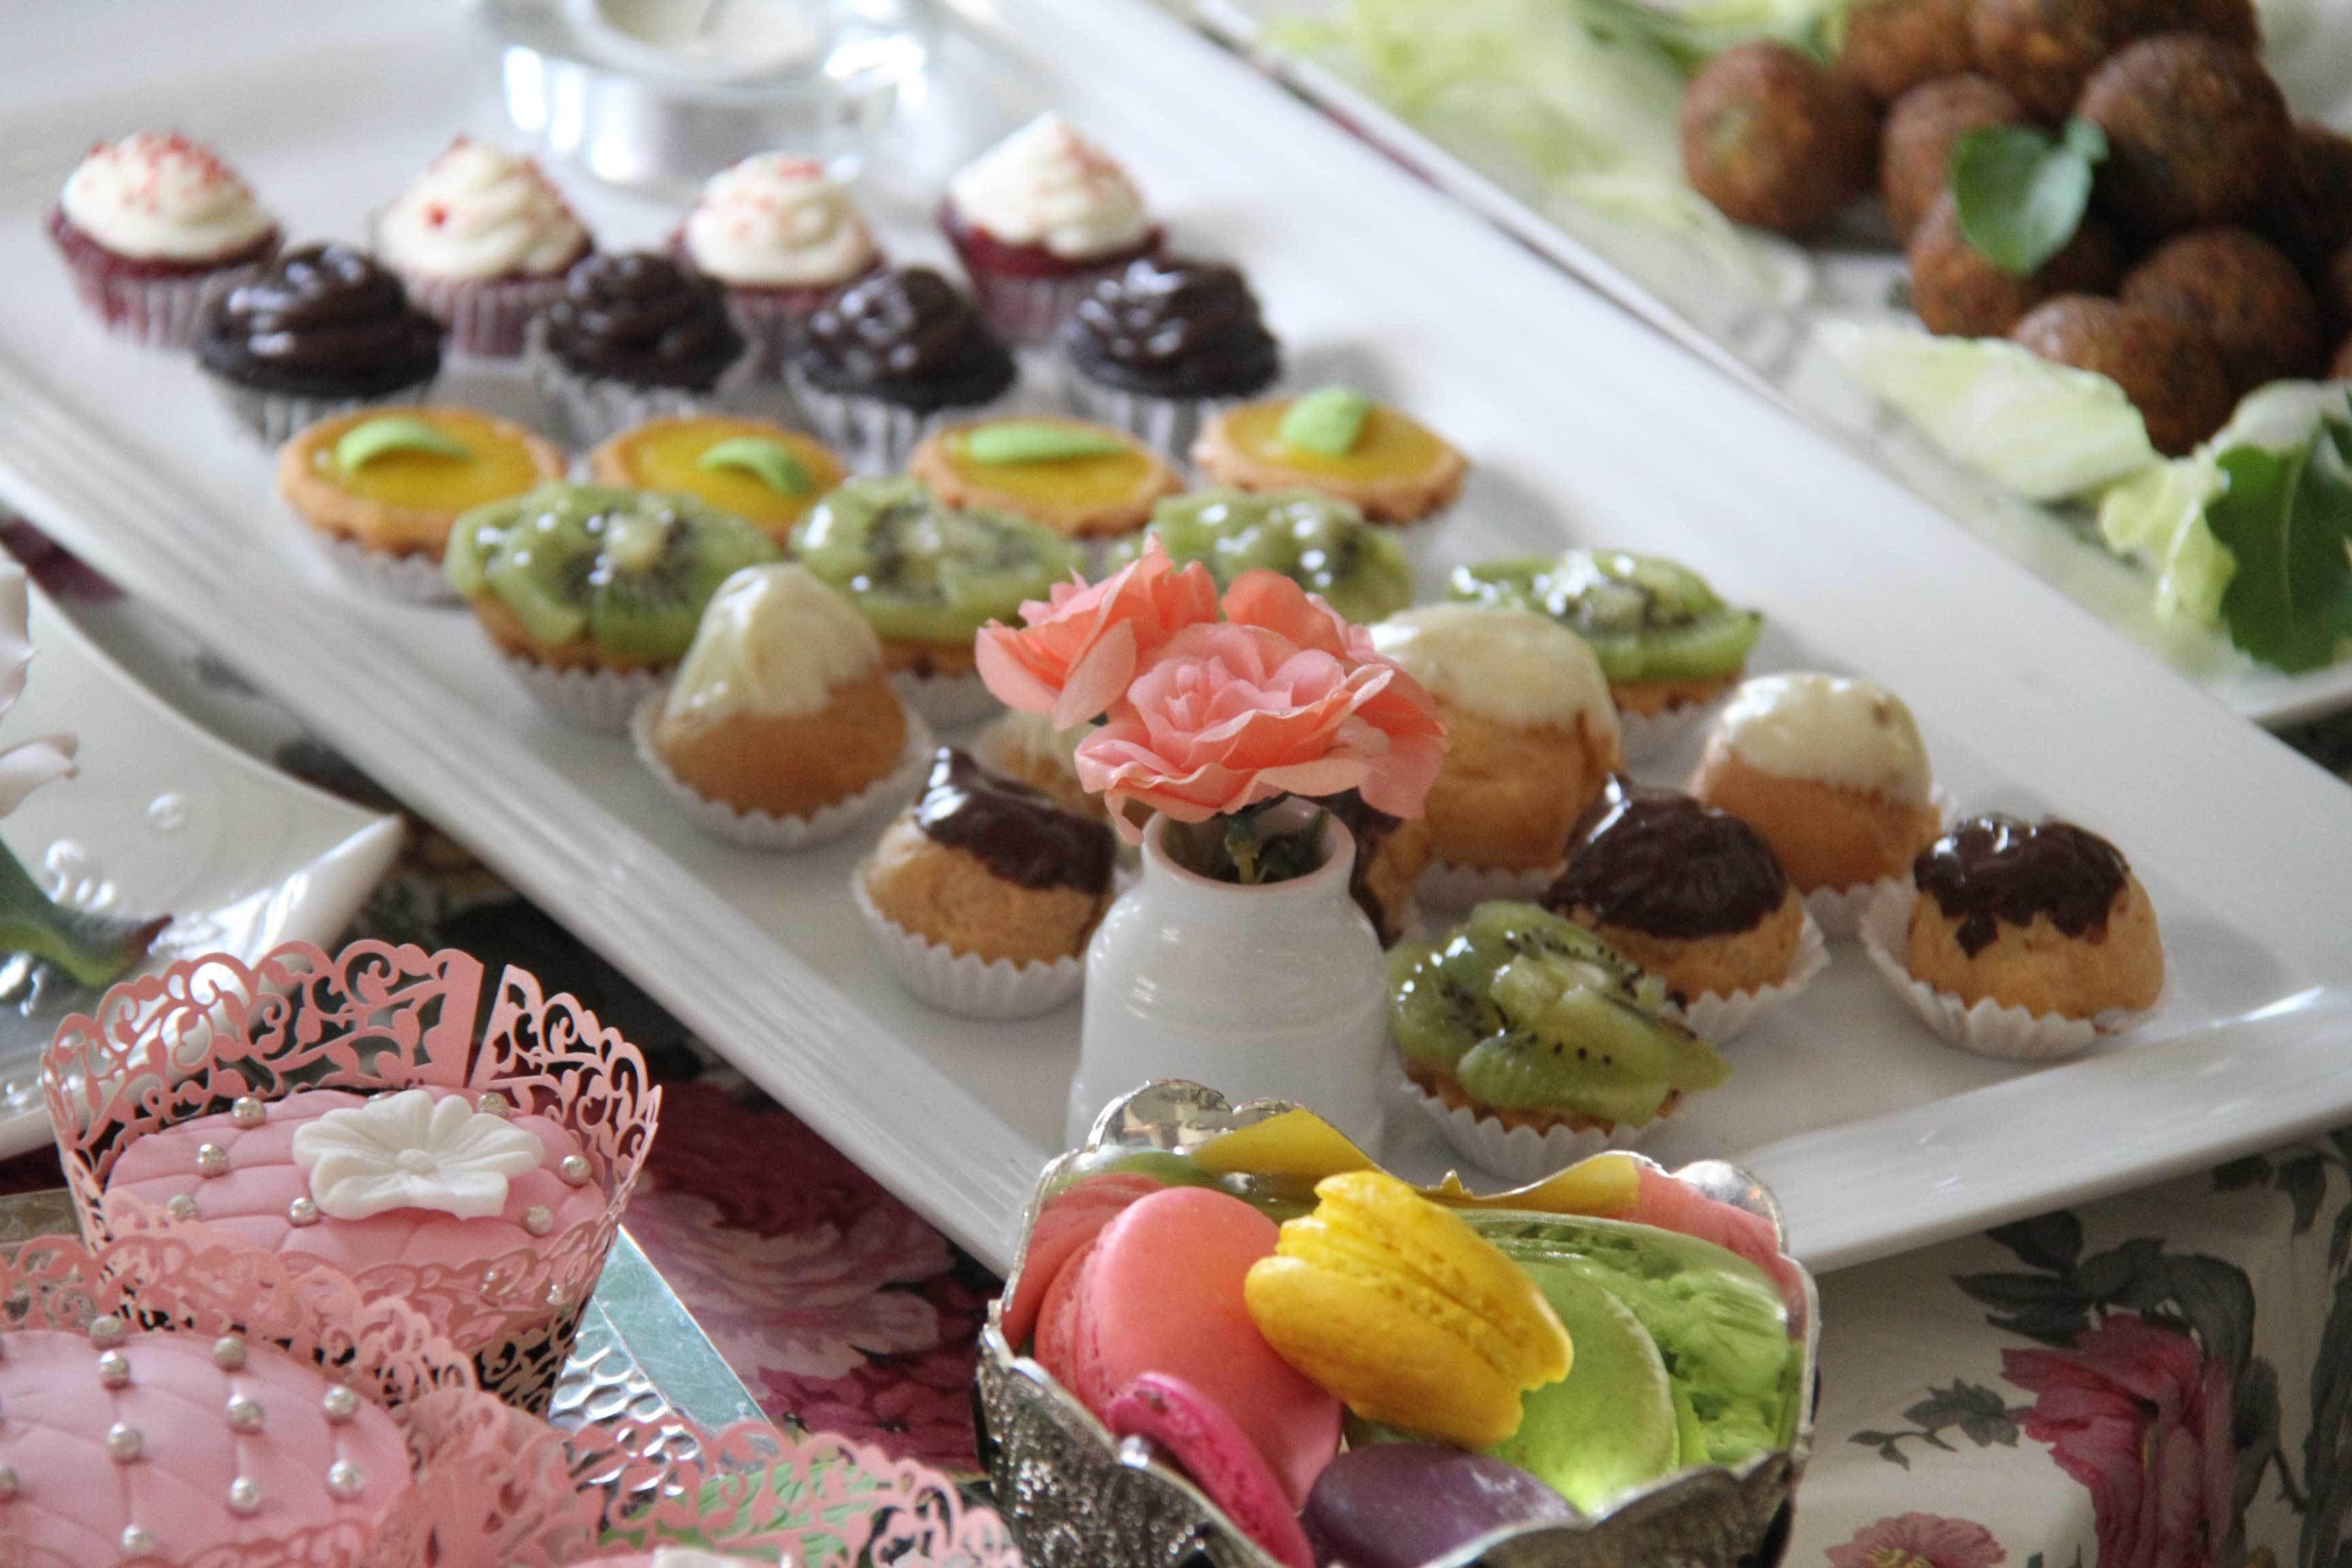 Tiny sweet treats are irresistible! -- Photo by Samiah Hamdani